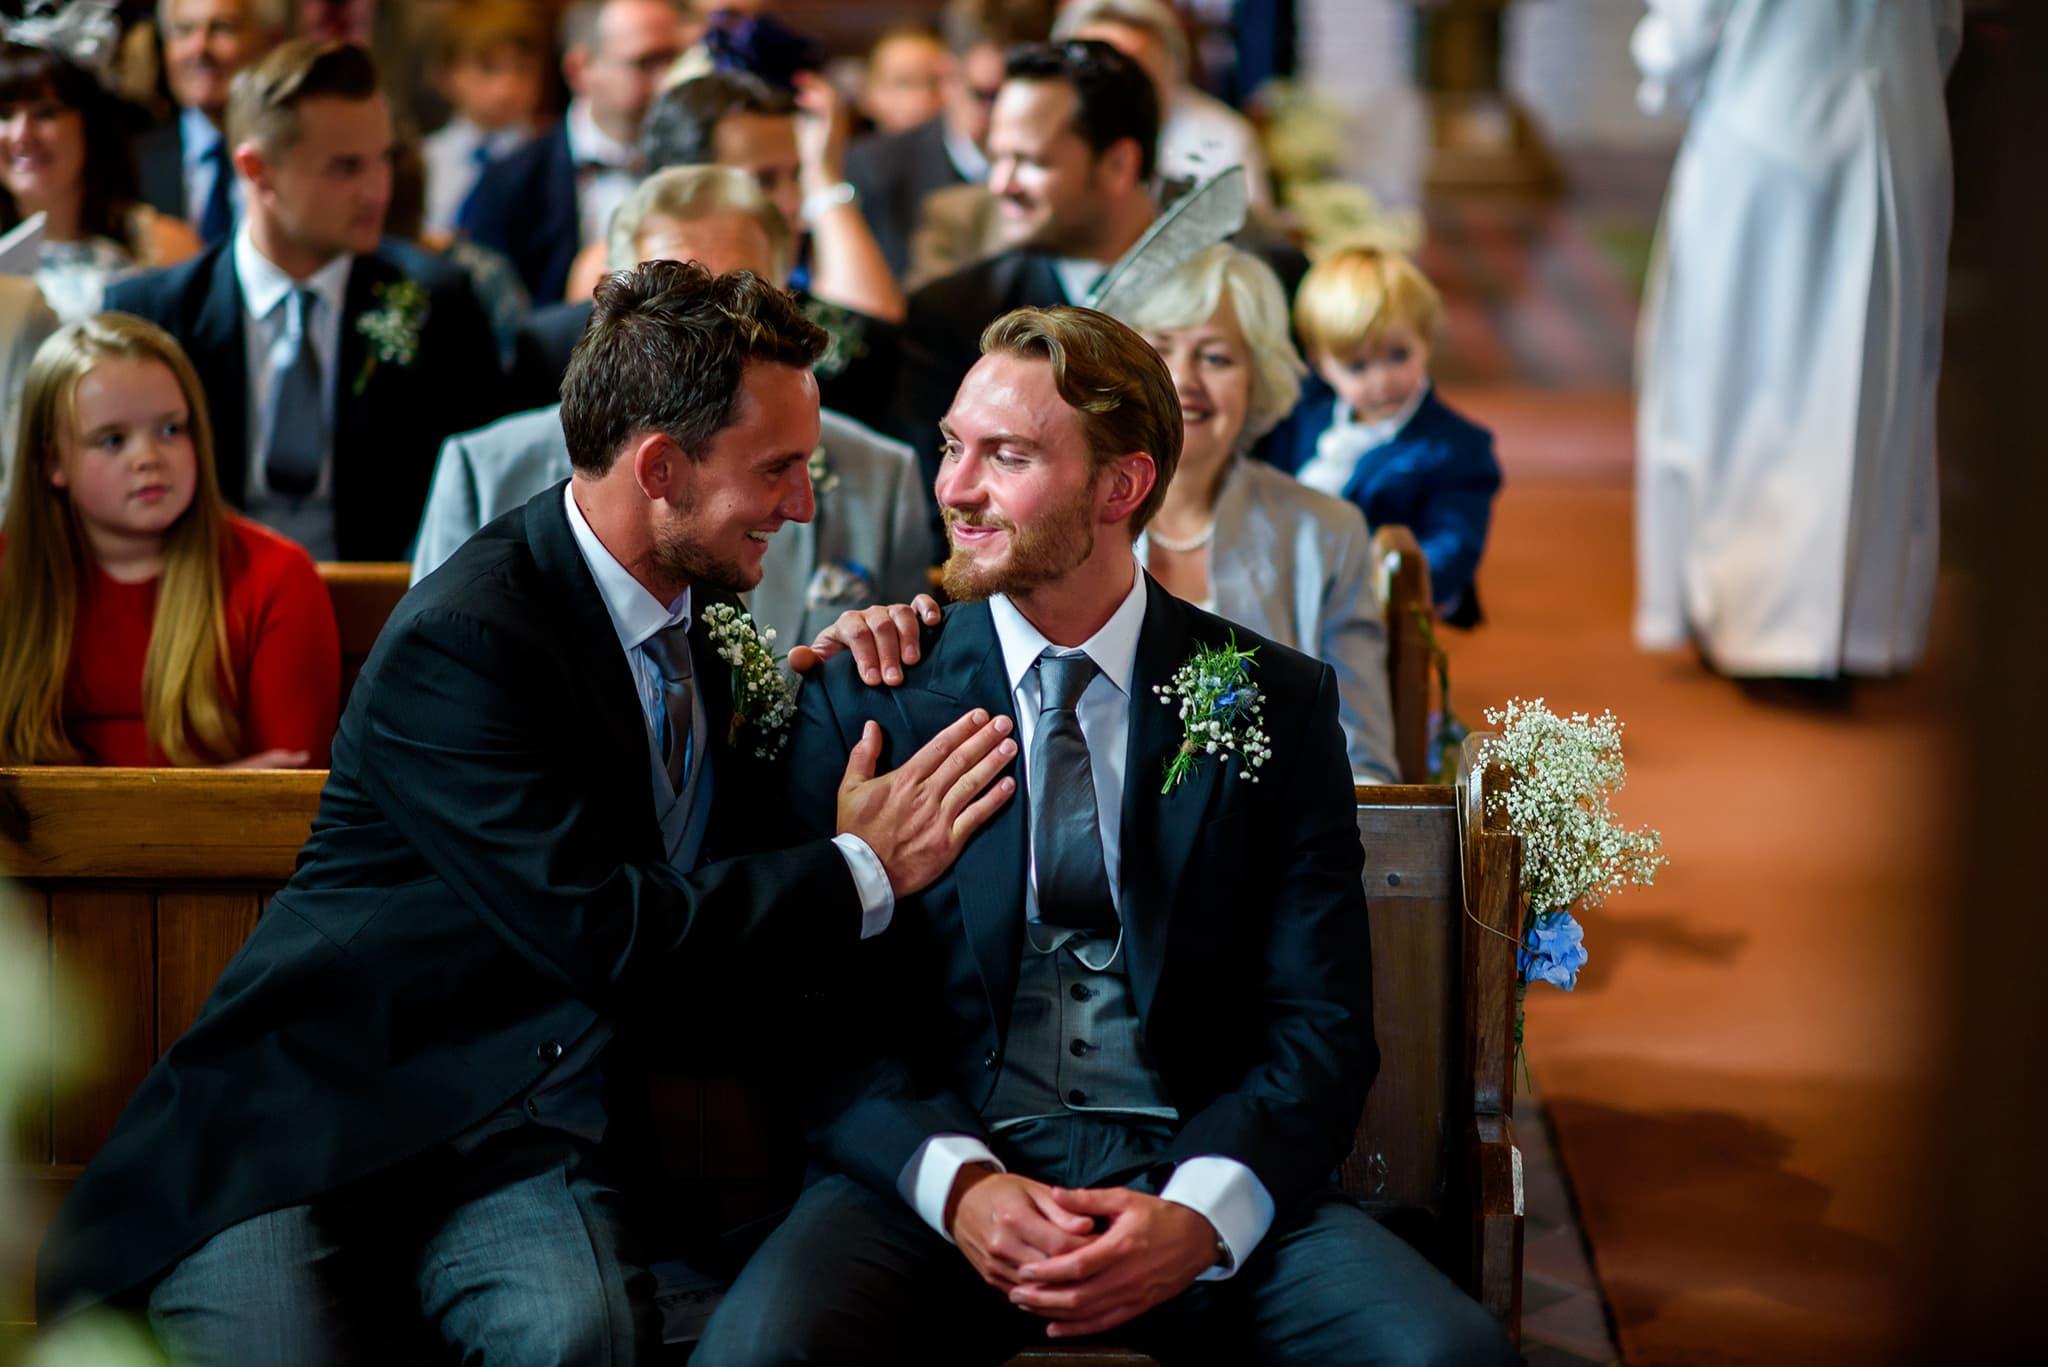 Debden church wedding photographer